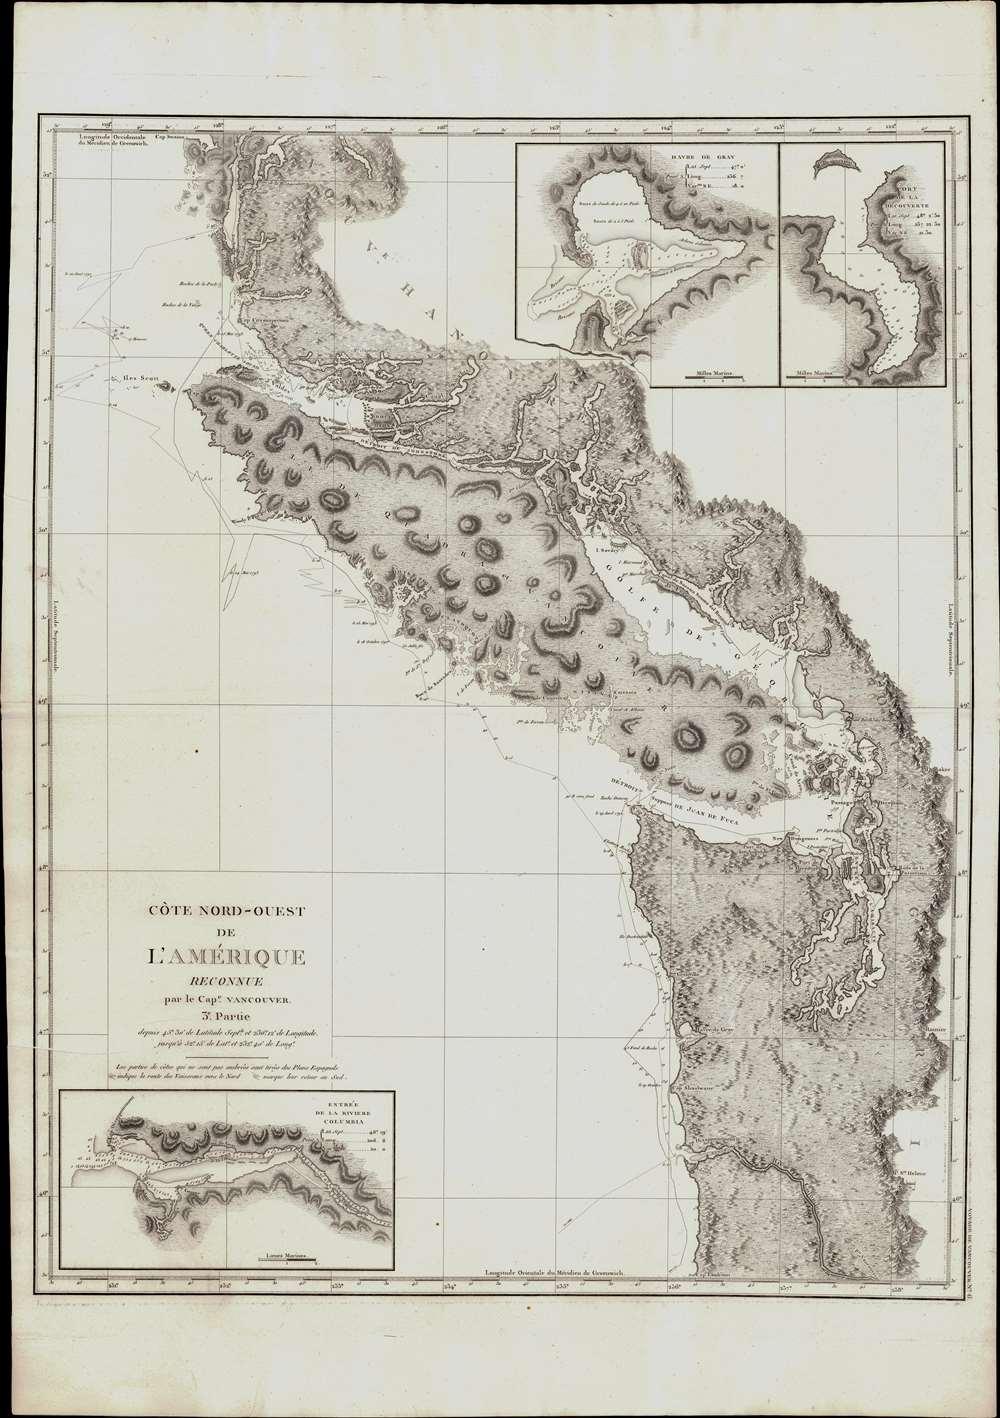 Cote Nord-Ouest de L'Amerique Reconnue par le Cape. Vanouver. 3e. Partie. - Main View